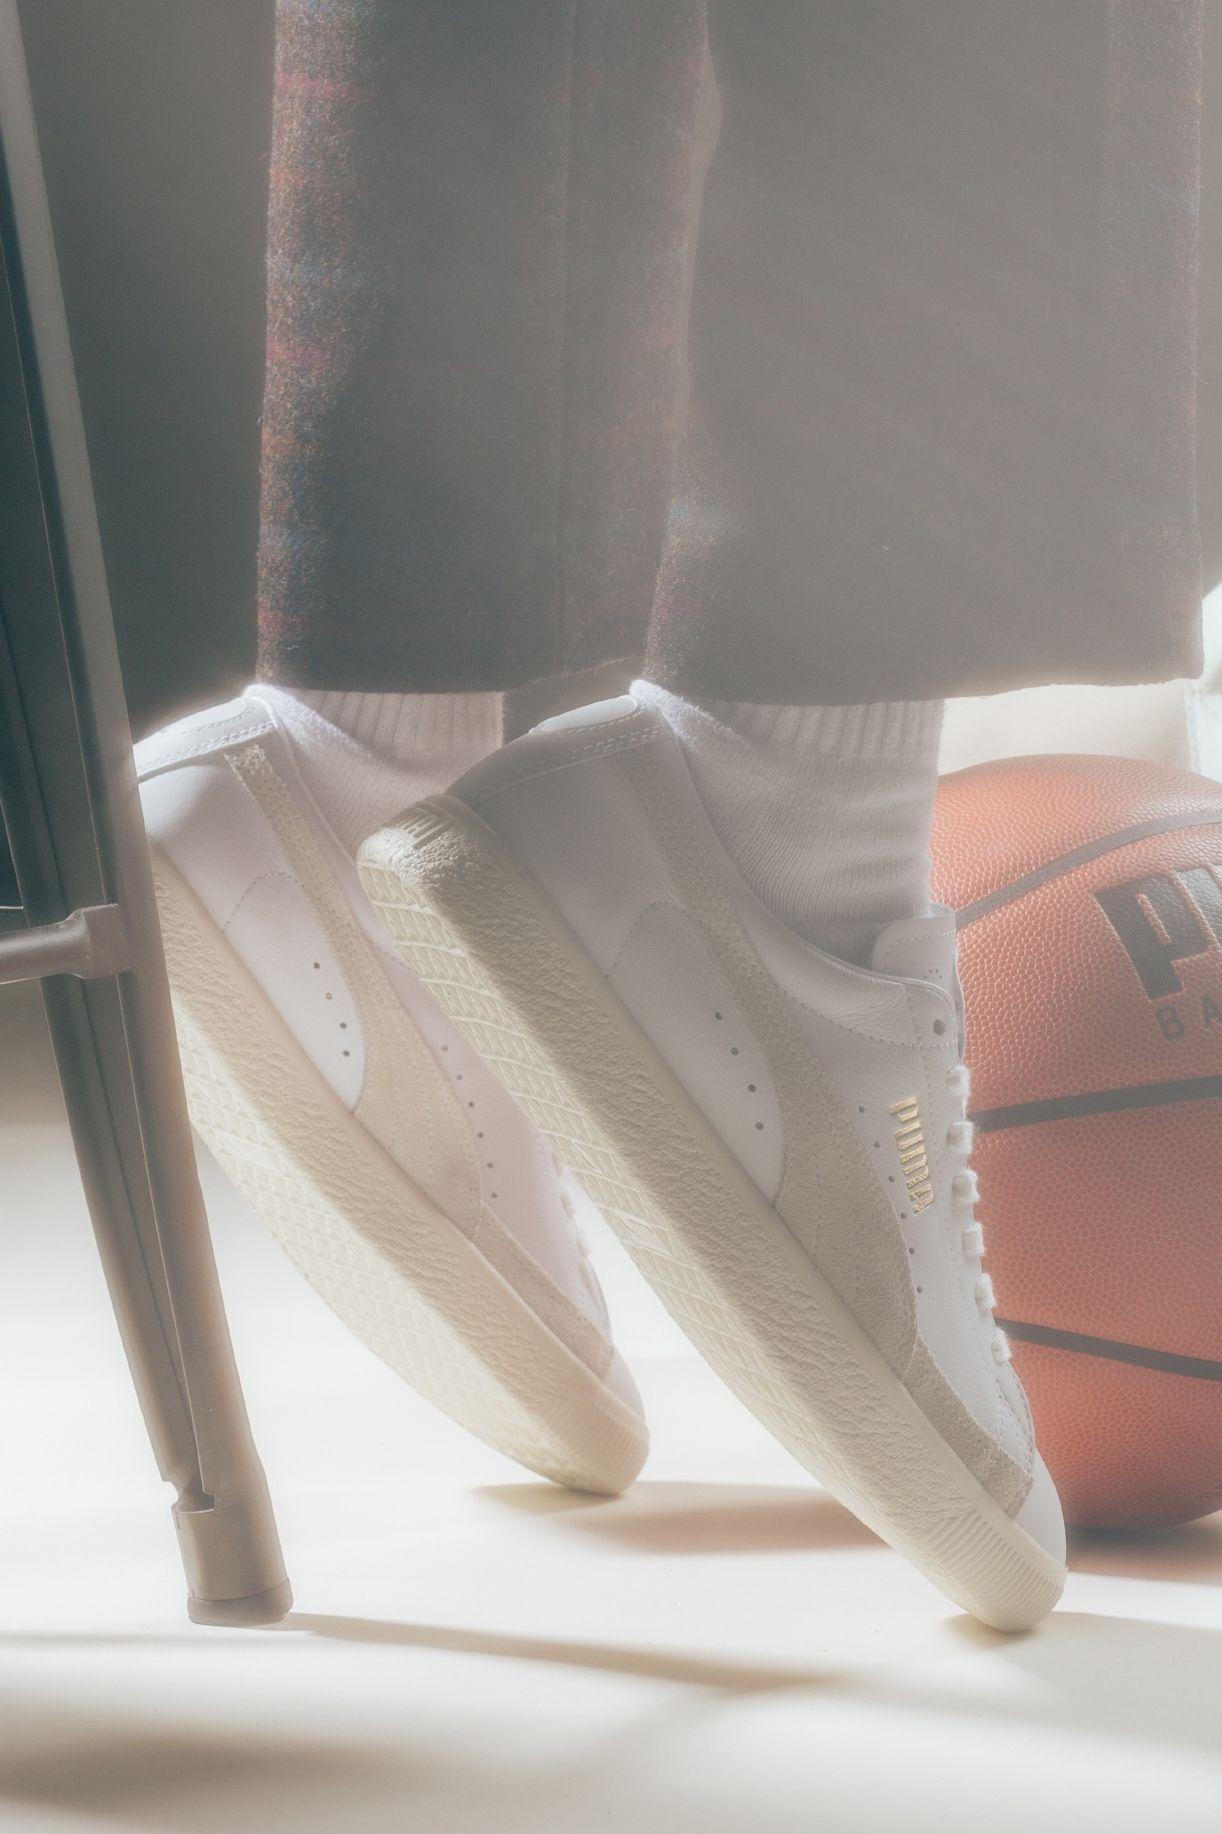 Puma Basket 90680 Lux in 2020 | Puma